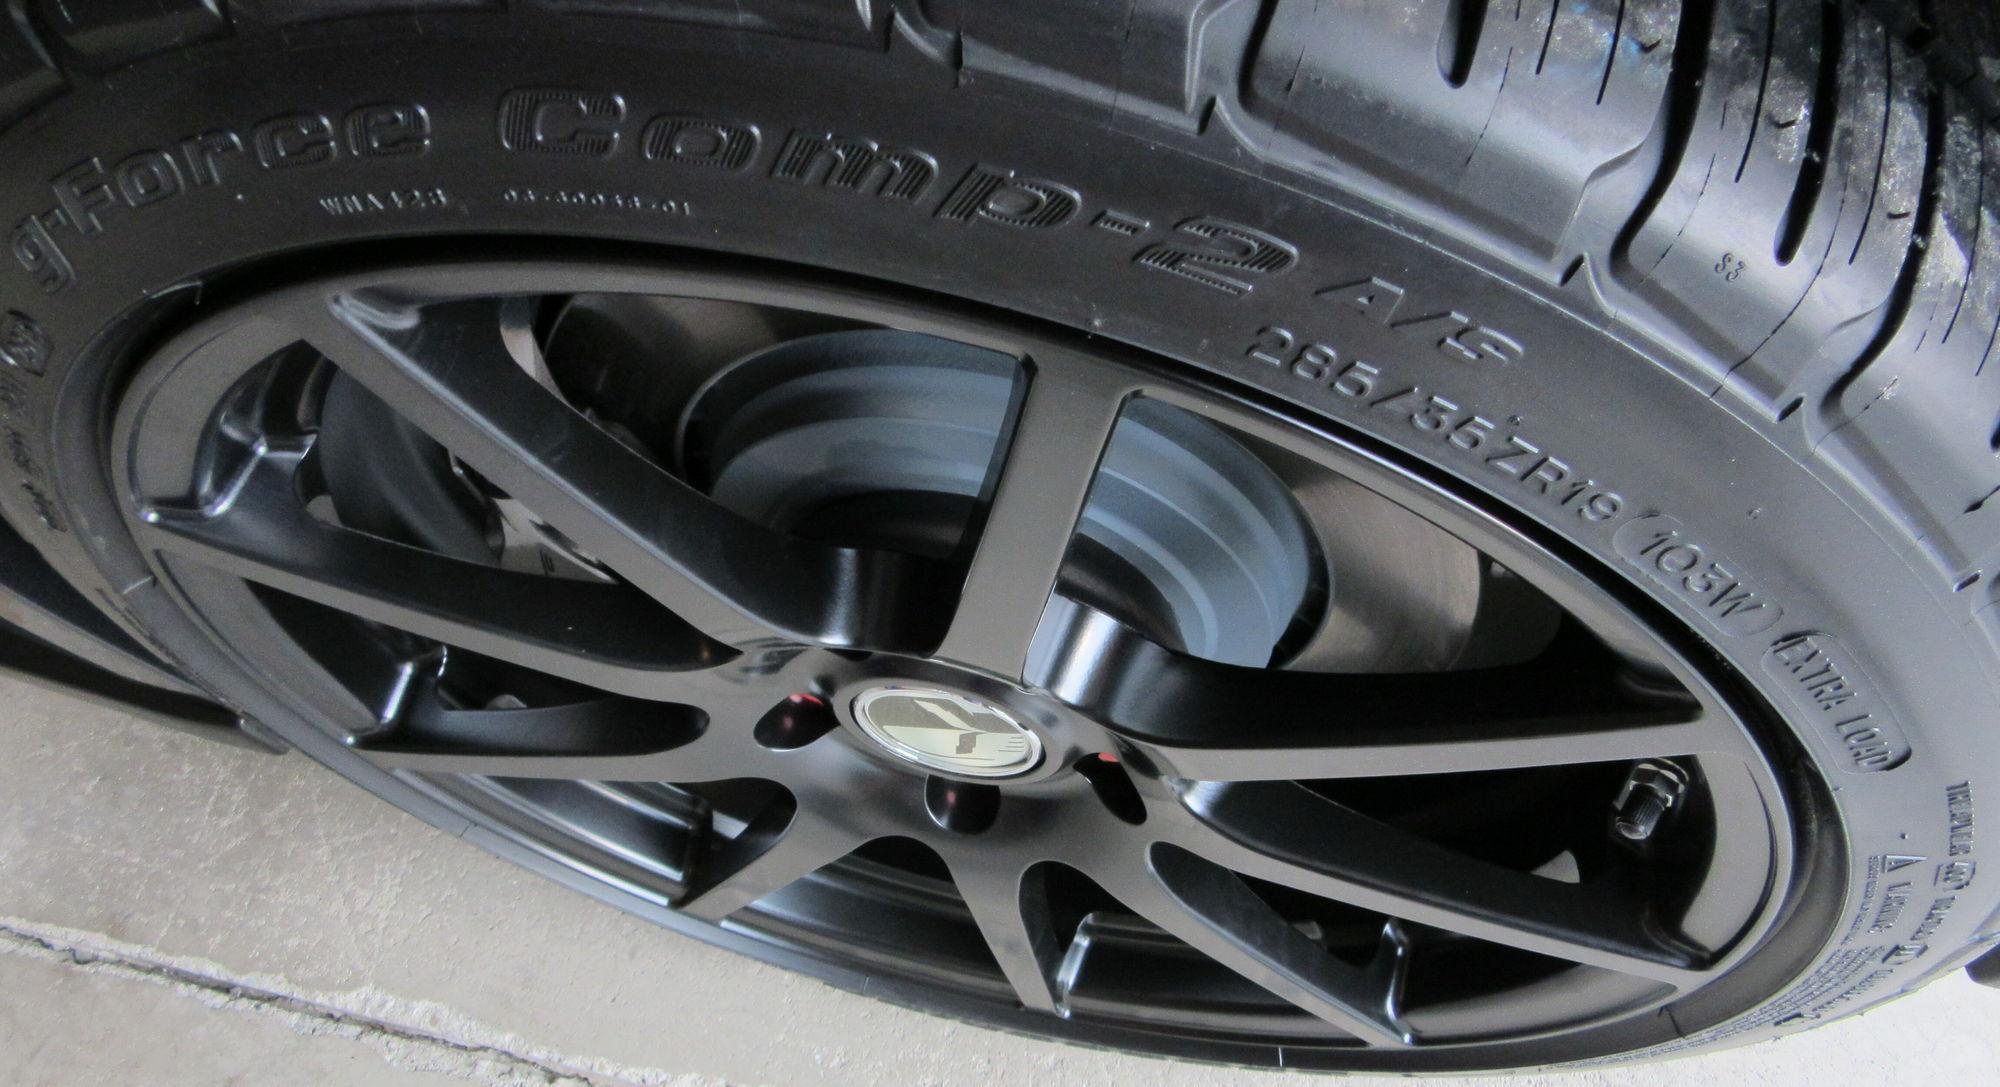 G Force Comp 2 A S >> BFG G-Force Comp-2 A/S Review (pics) - CorvetteForum - Chevrolet Corvette Forum Discussion